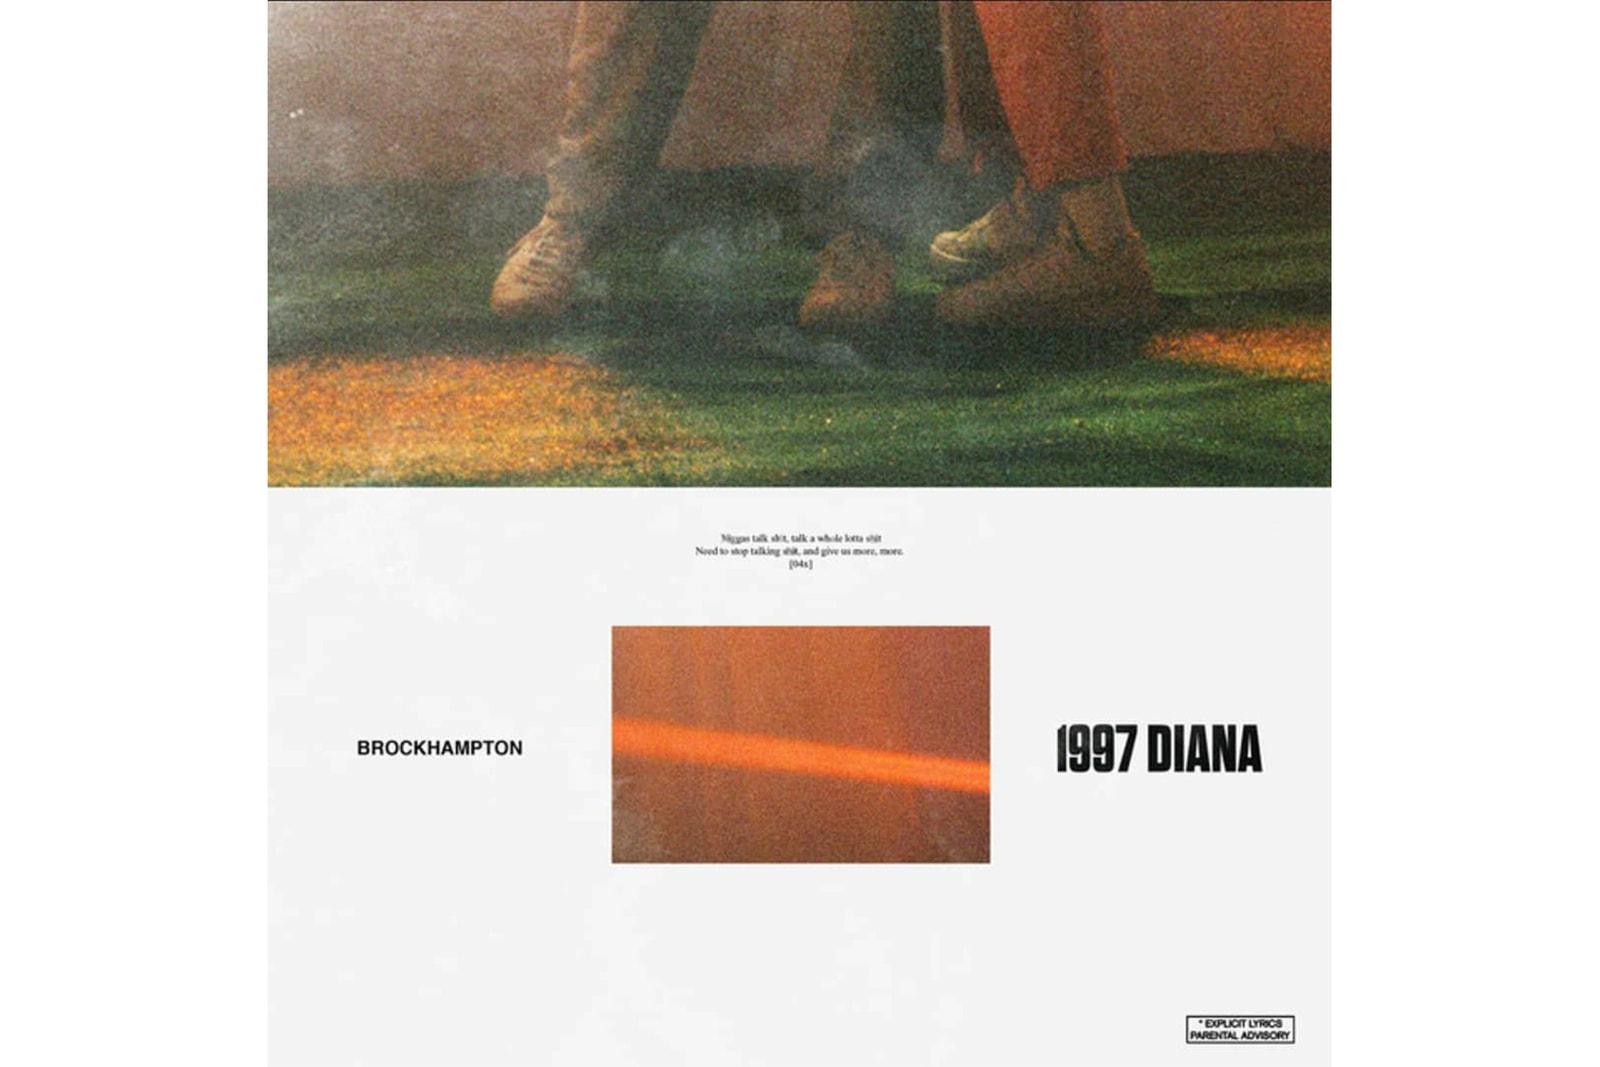 先週の注目音楽リリース 7 選 HYPEBEAST ハイプビースト HYPEBEAST Music Picks DATS BIM BROCKHAMPTON 5lack  Denzel Curry YG  A$AP Rocky Blood Orange